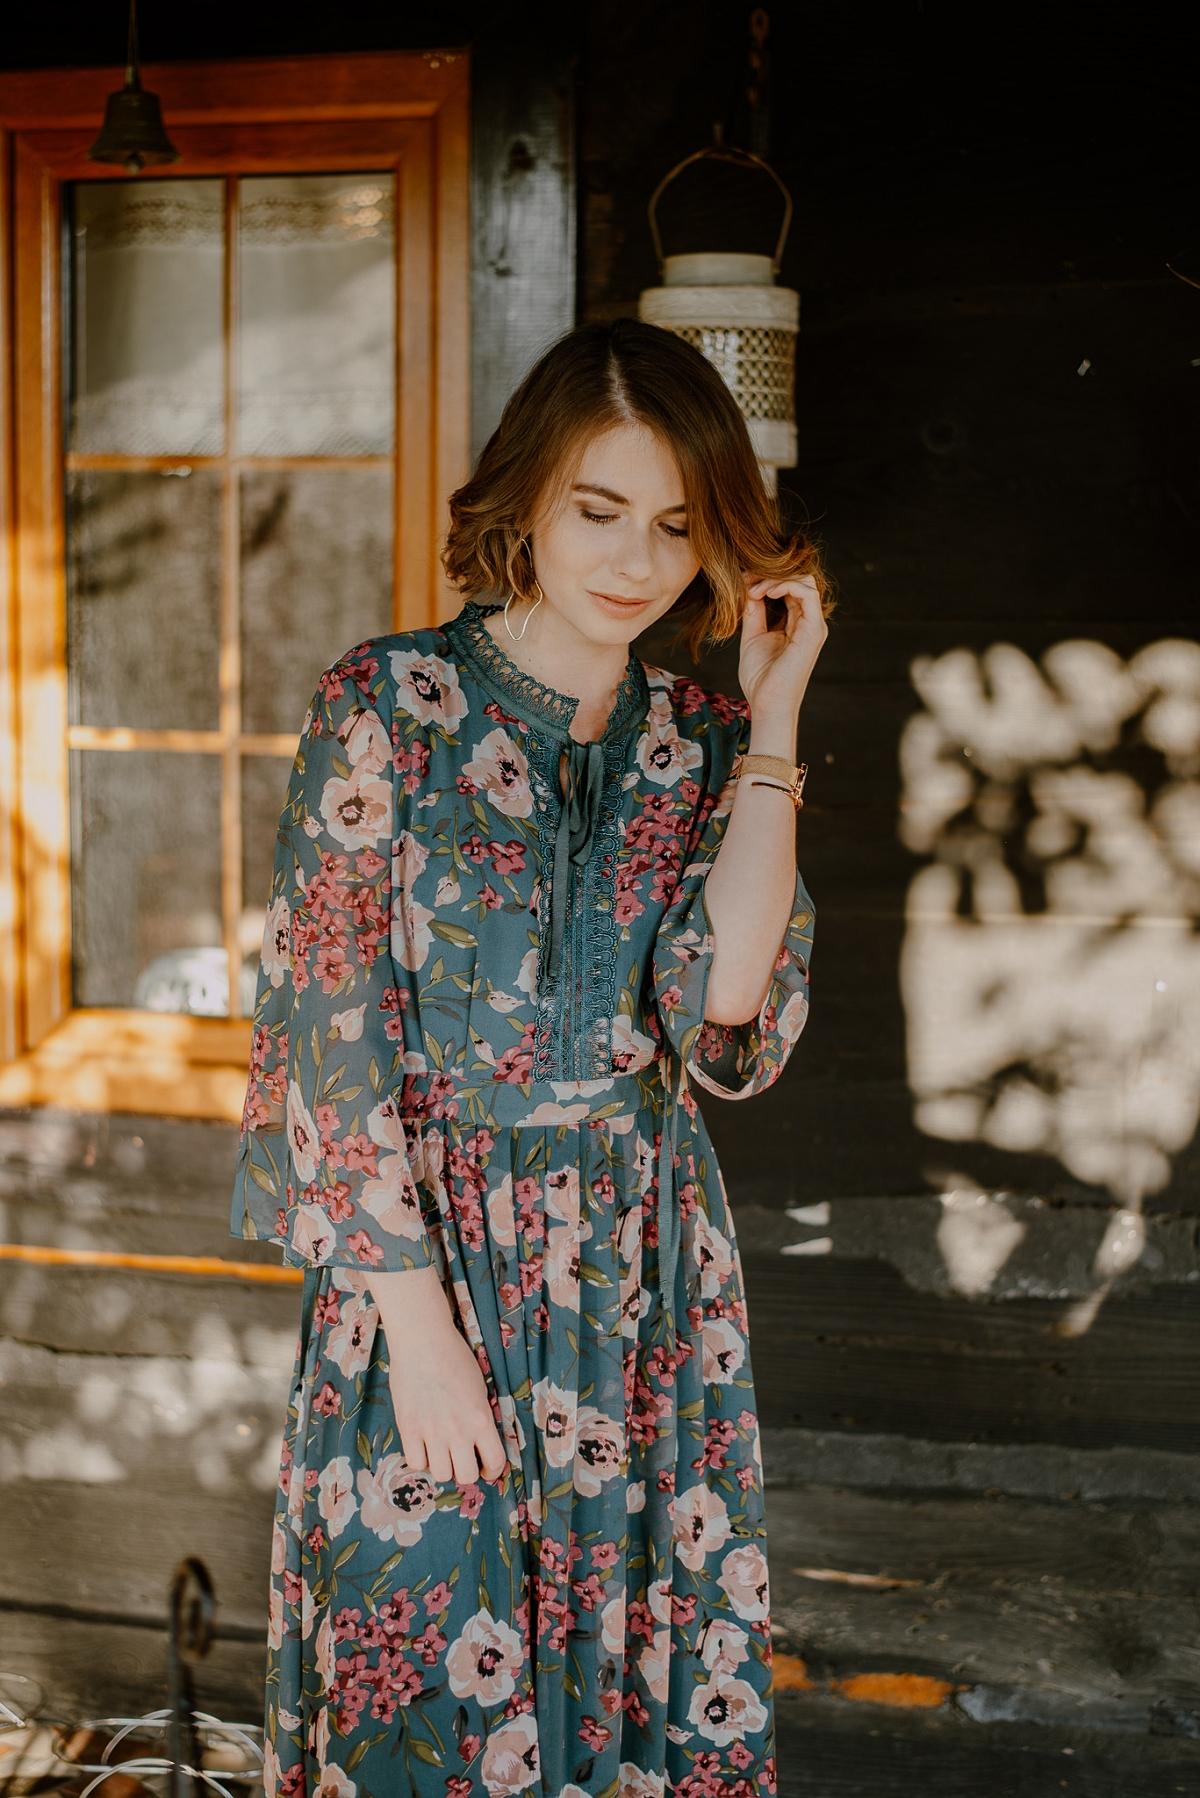 zwiewna sukienka w kwiaty jak nosić jesienią sesja wróblewo